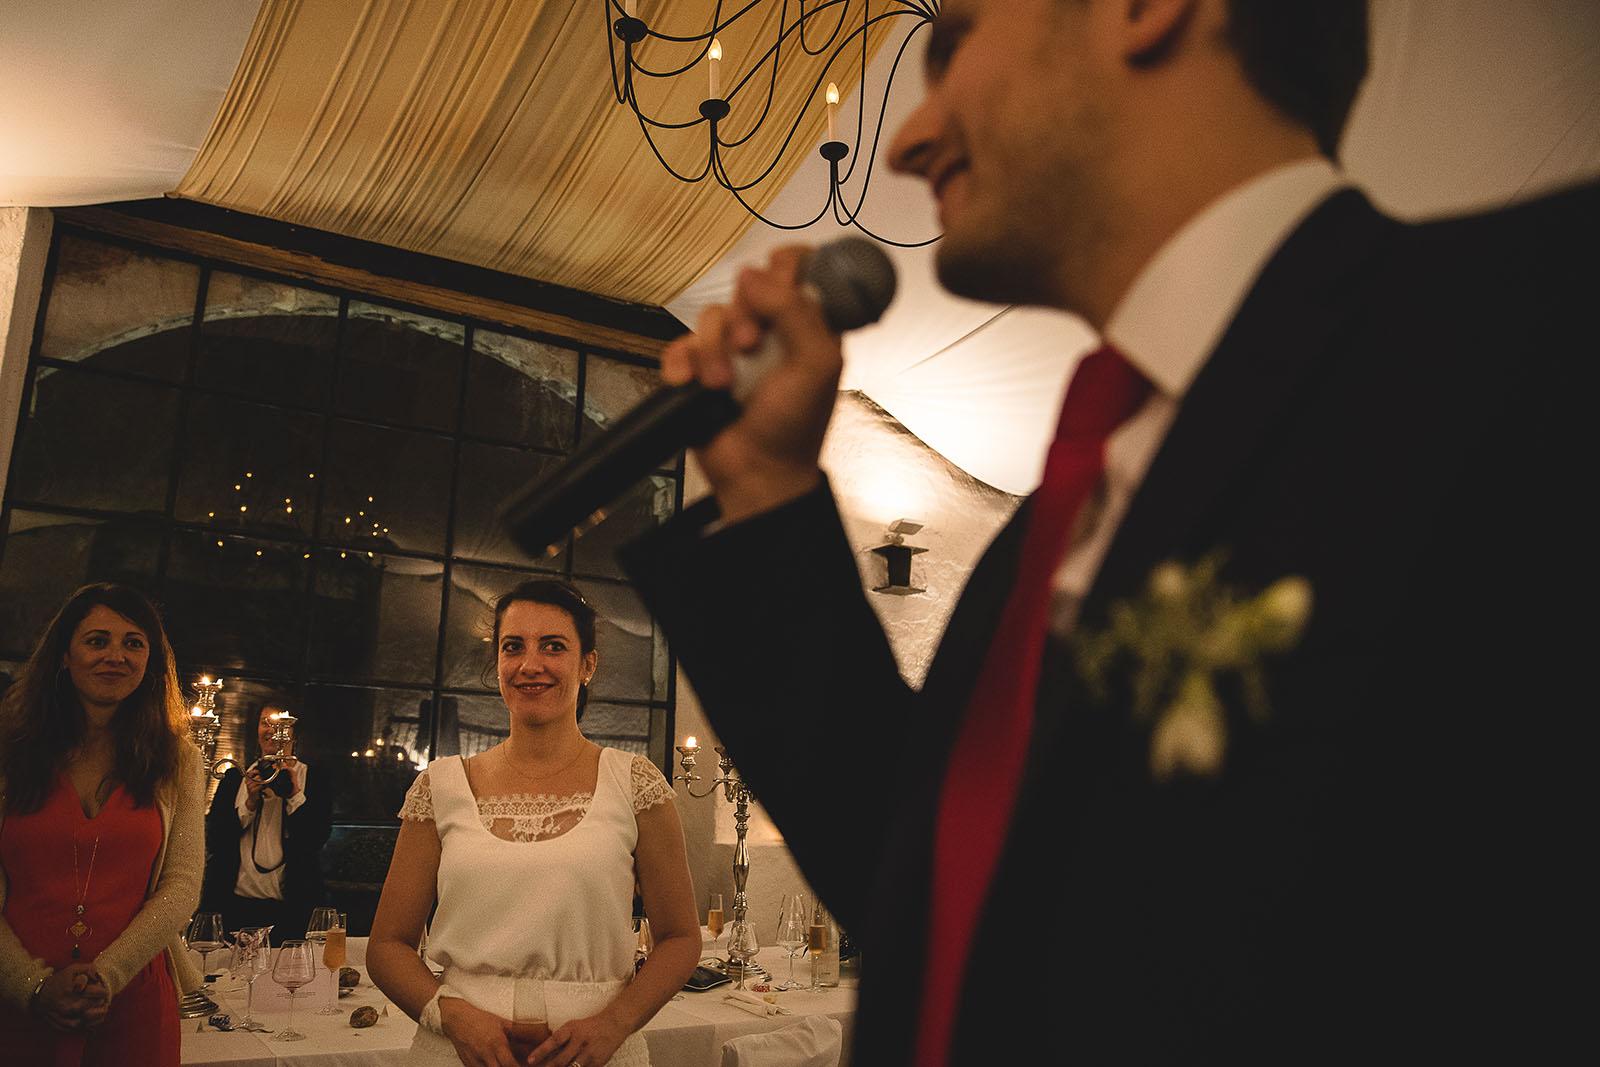 Mariage Château de Beauvoir. Le discours du marié pendant la soirée sous le regard ému de la mariée. David Pommier photographe de mariage au Château de Beauvoir